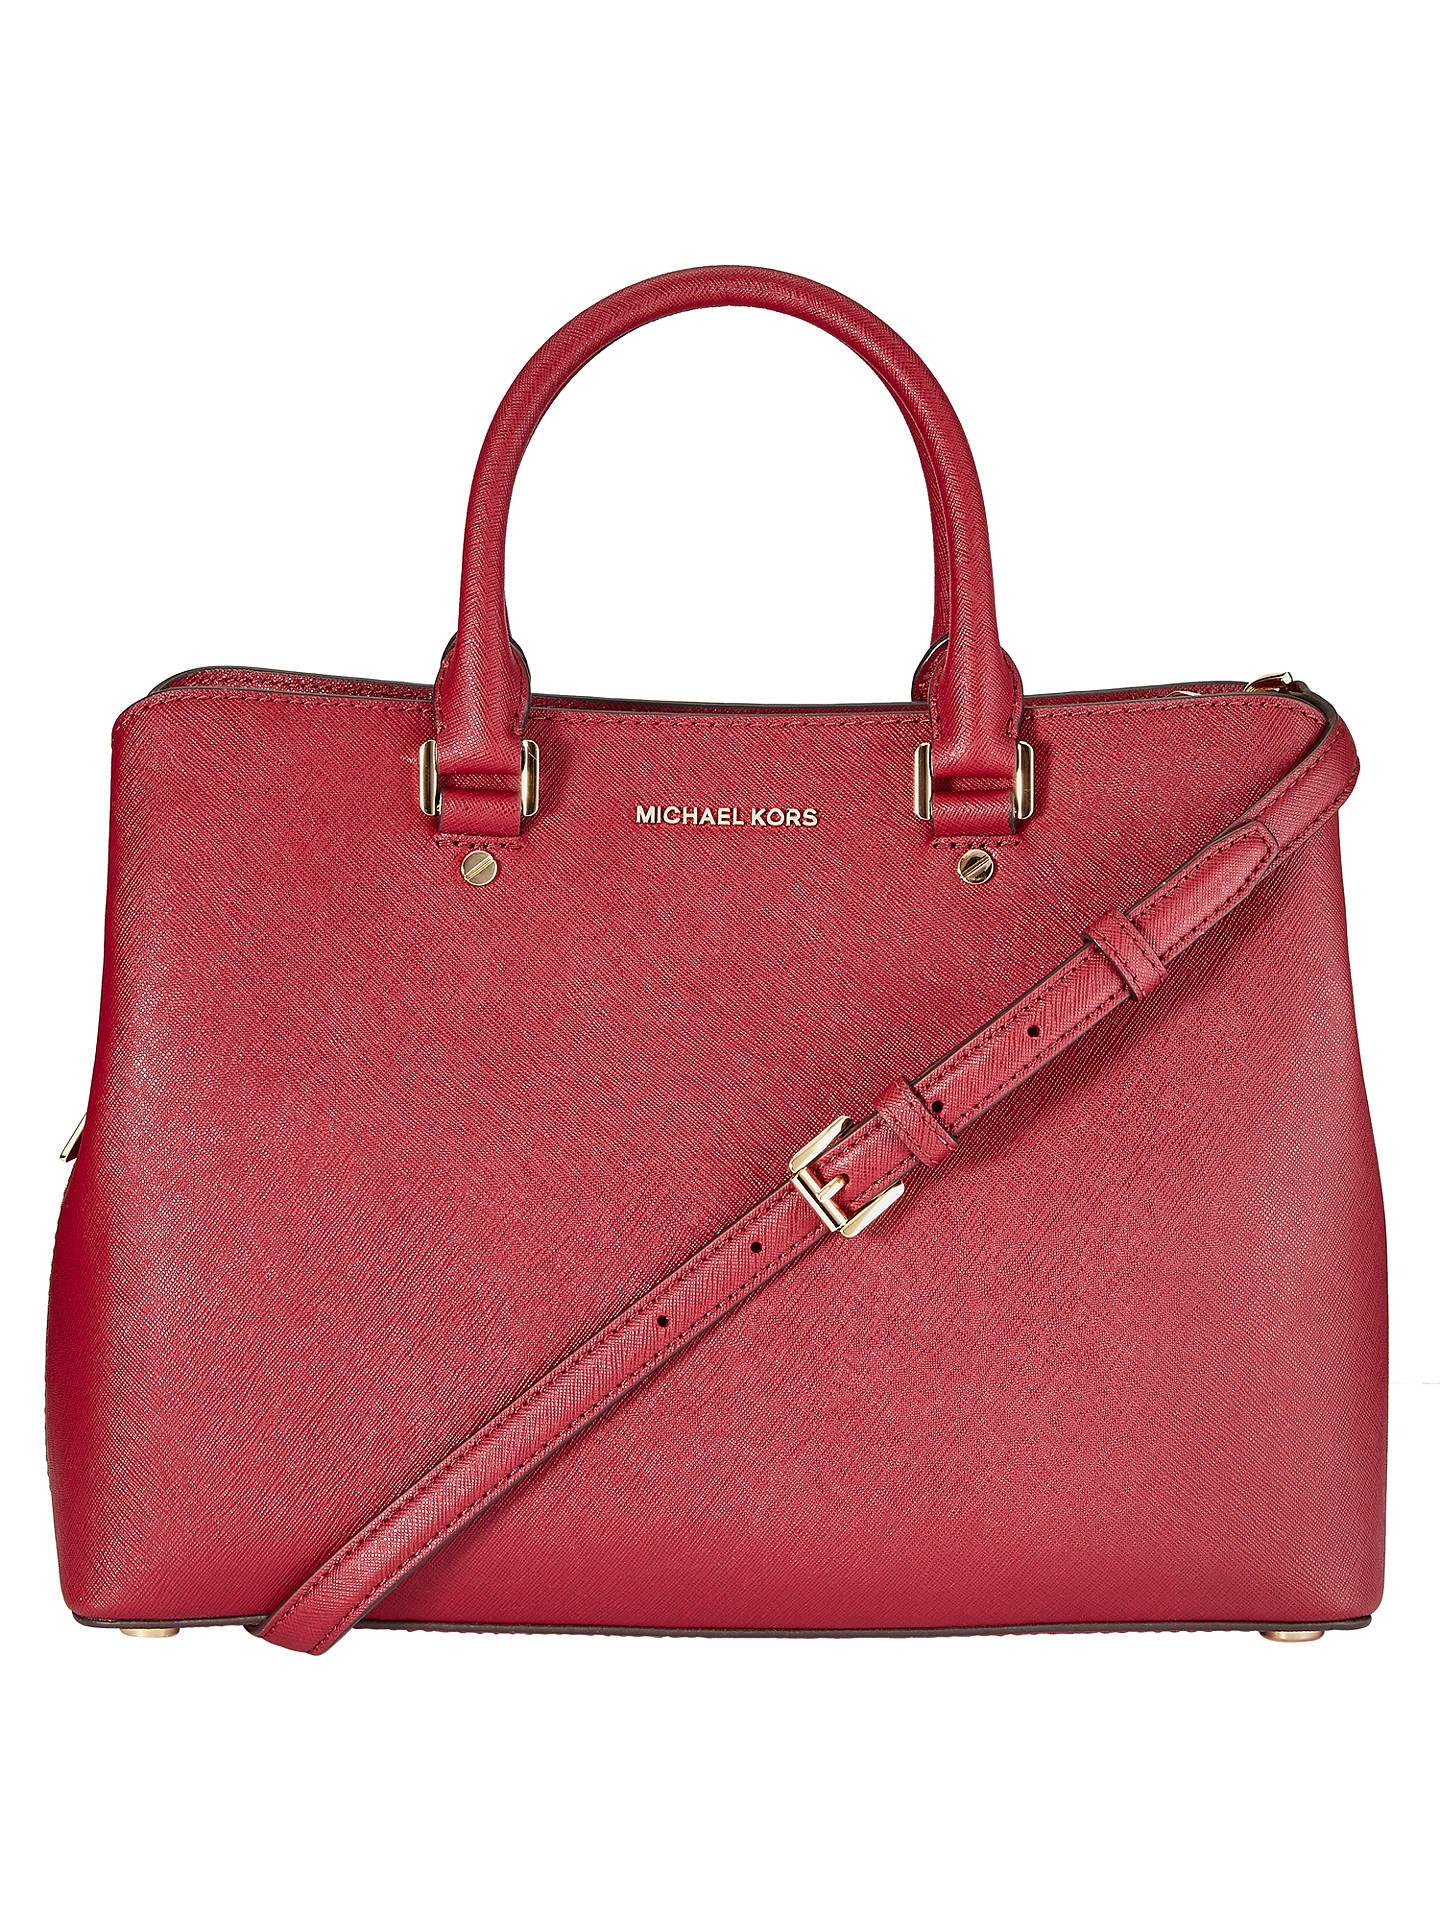 8e0f303d4c81 Buy MICHAEL Michael Kors Savannah Large Leather Satchel, Cherry Online at  johnlewis.com ...